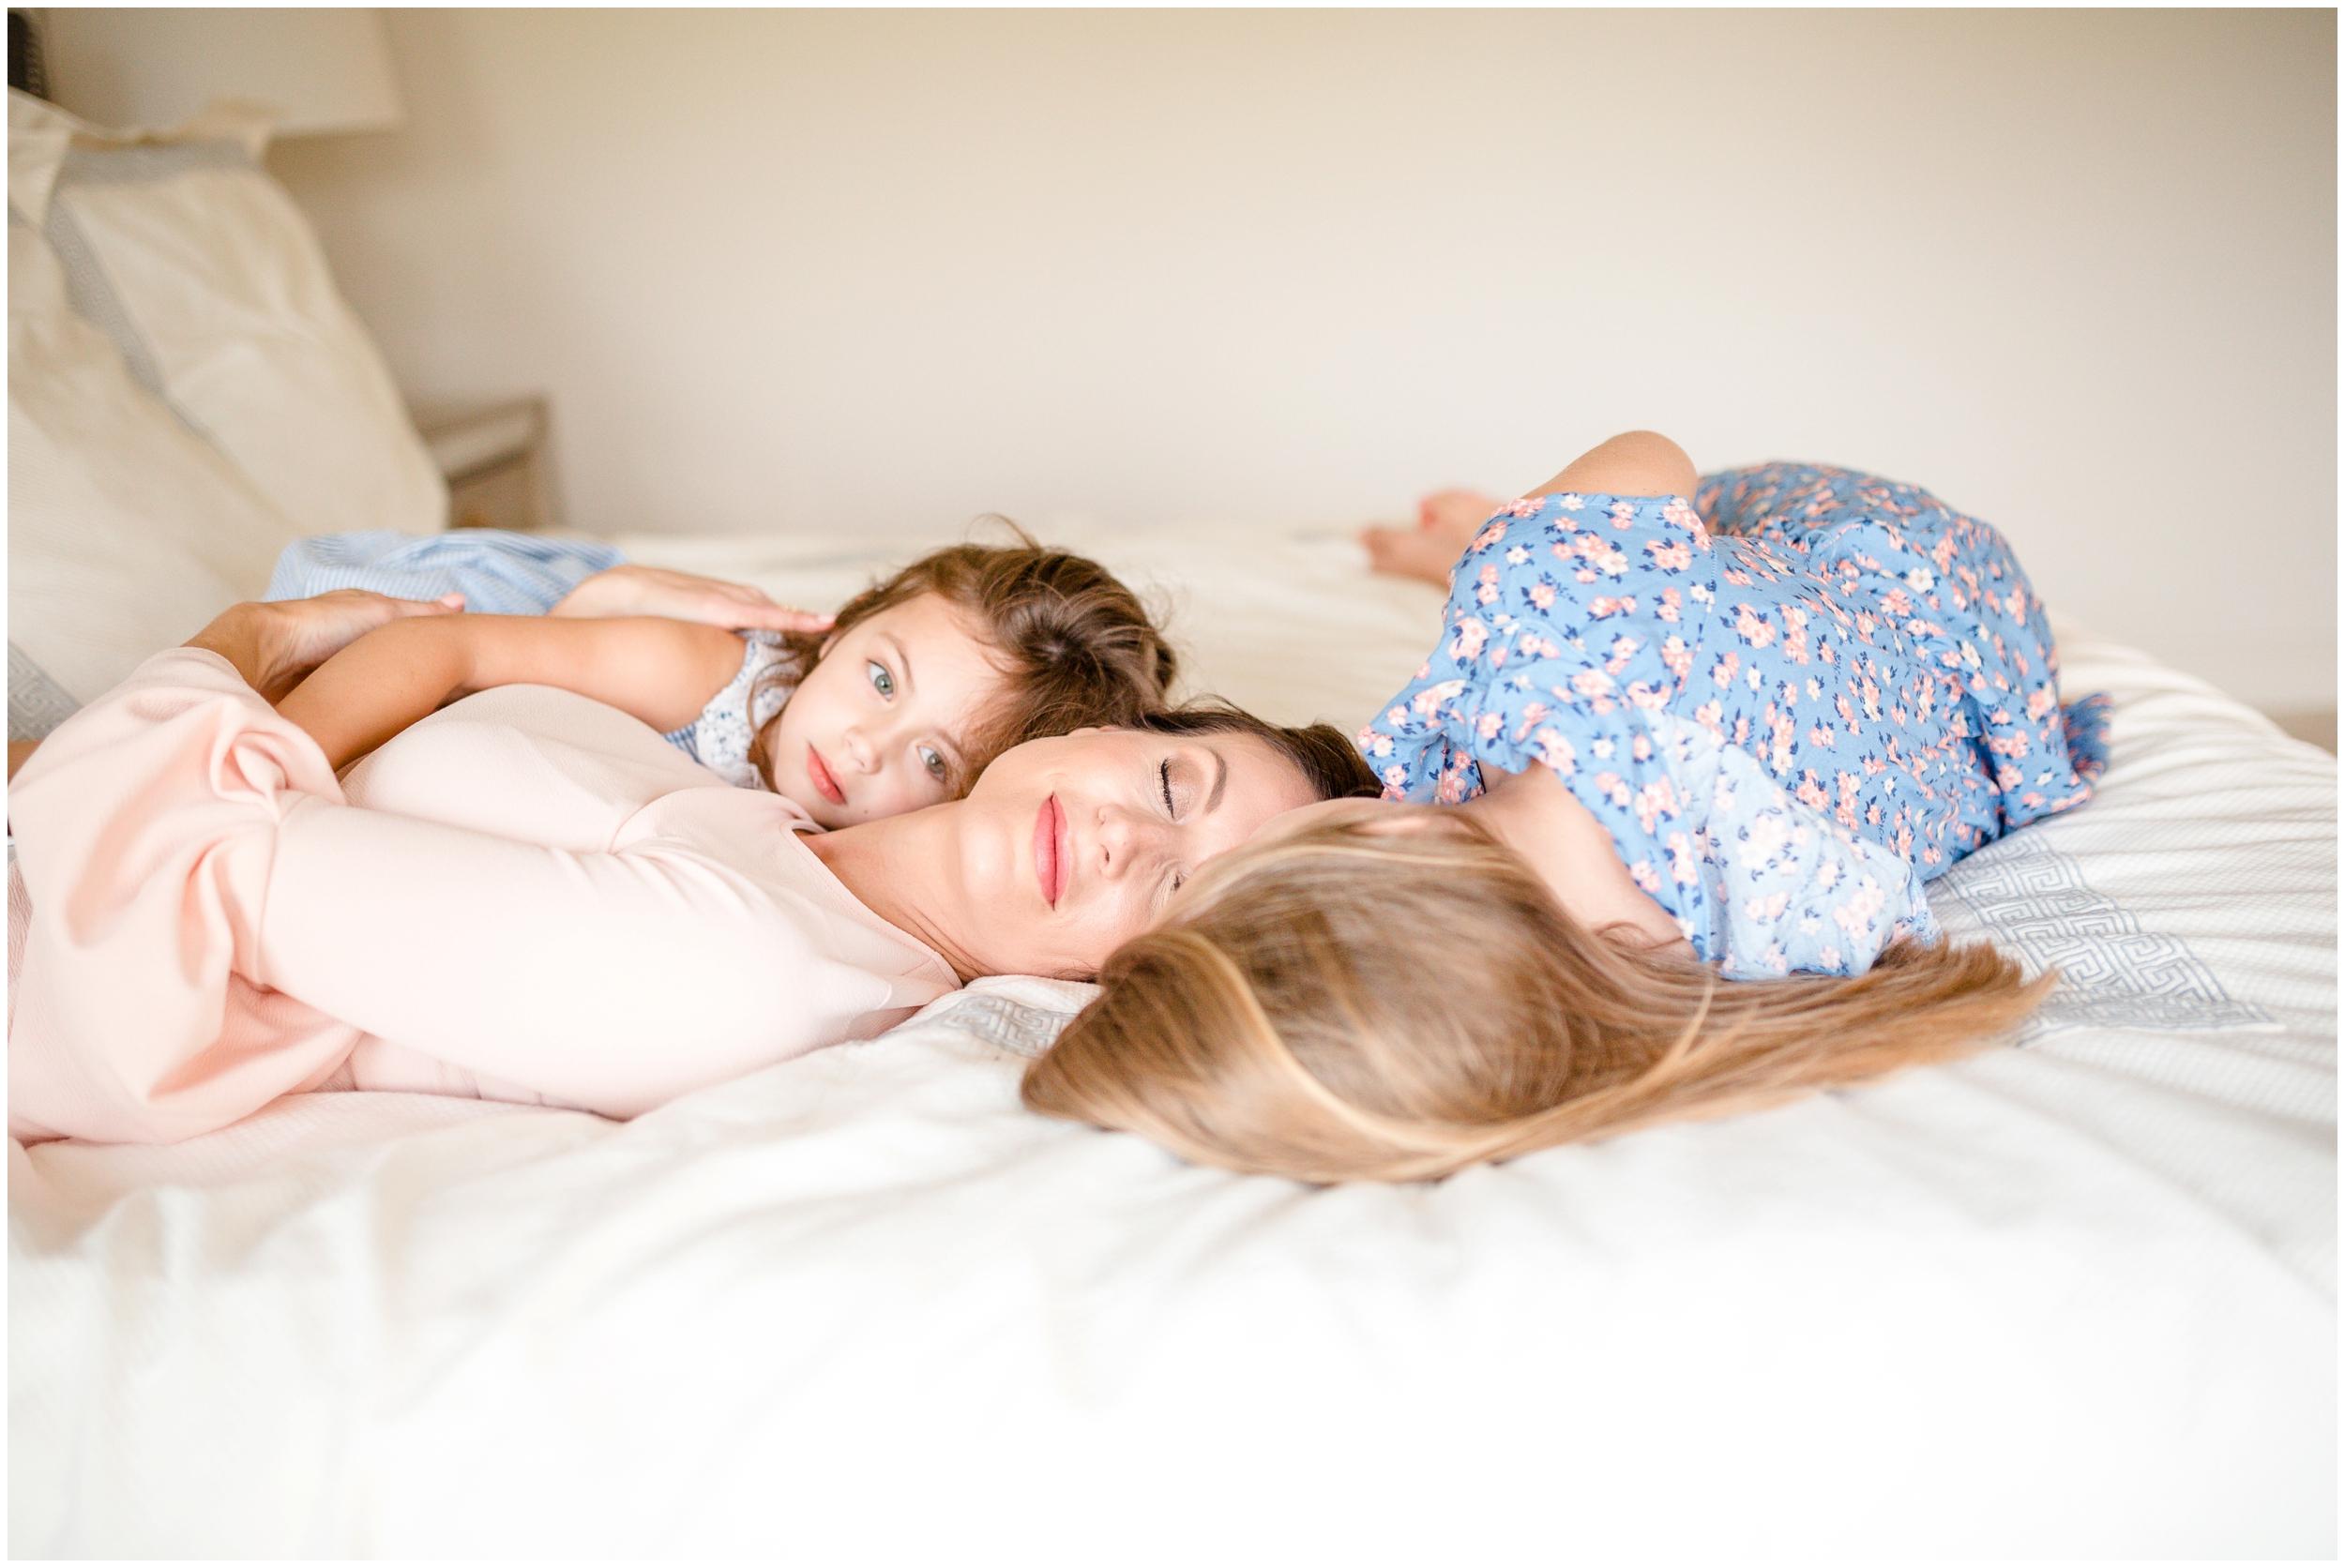 lexington-ky-family-lifestyle-photography-Priscilla-Baierlein-Photography_0253.jpg